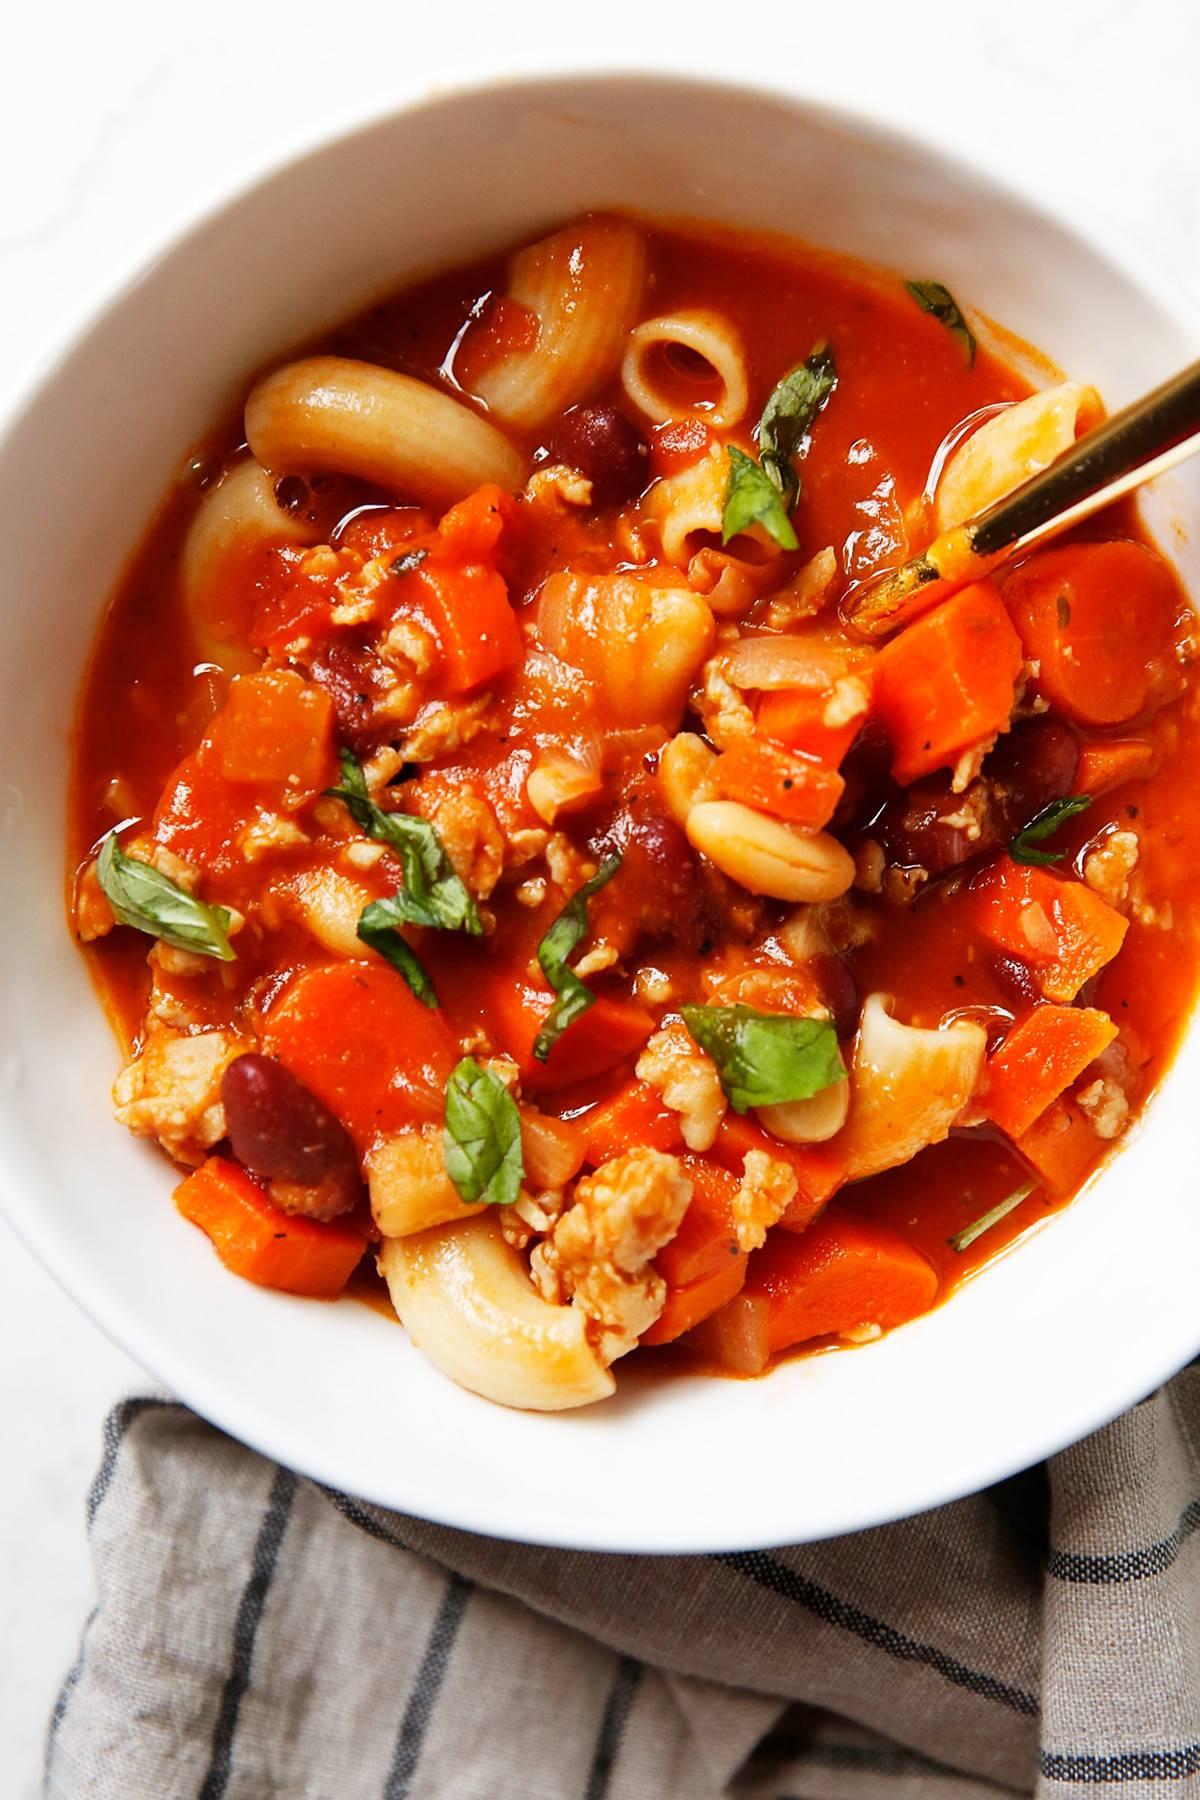 Pasta e Fagioli in a bowl